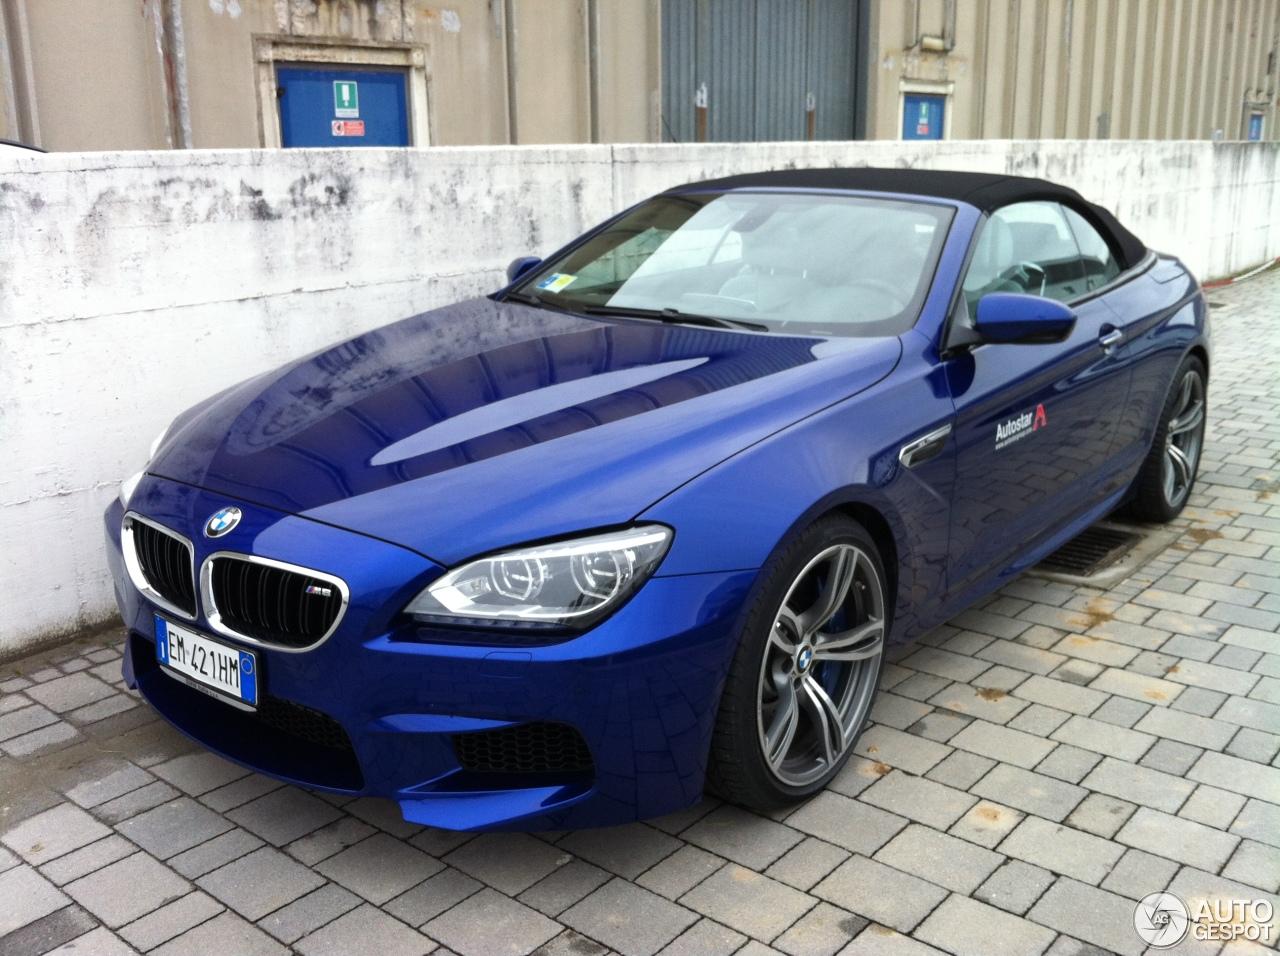 Bmw M6 F12 Cabriolet 30 Novembre 2012 Autogespot